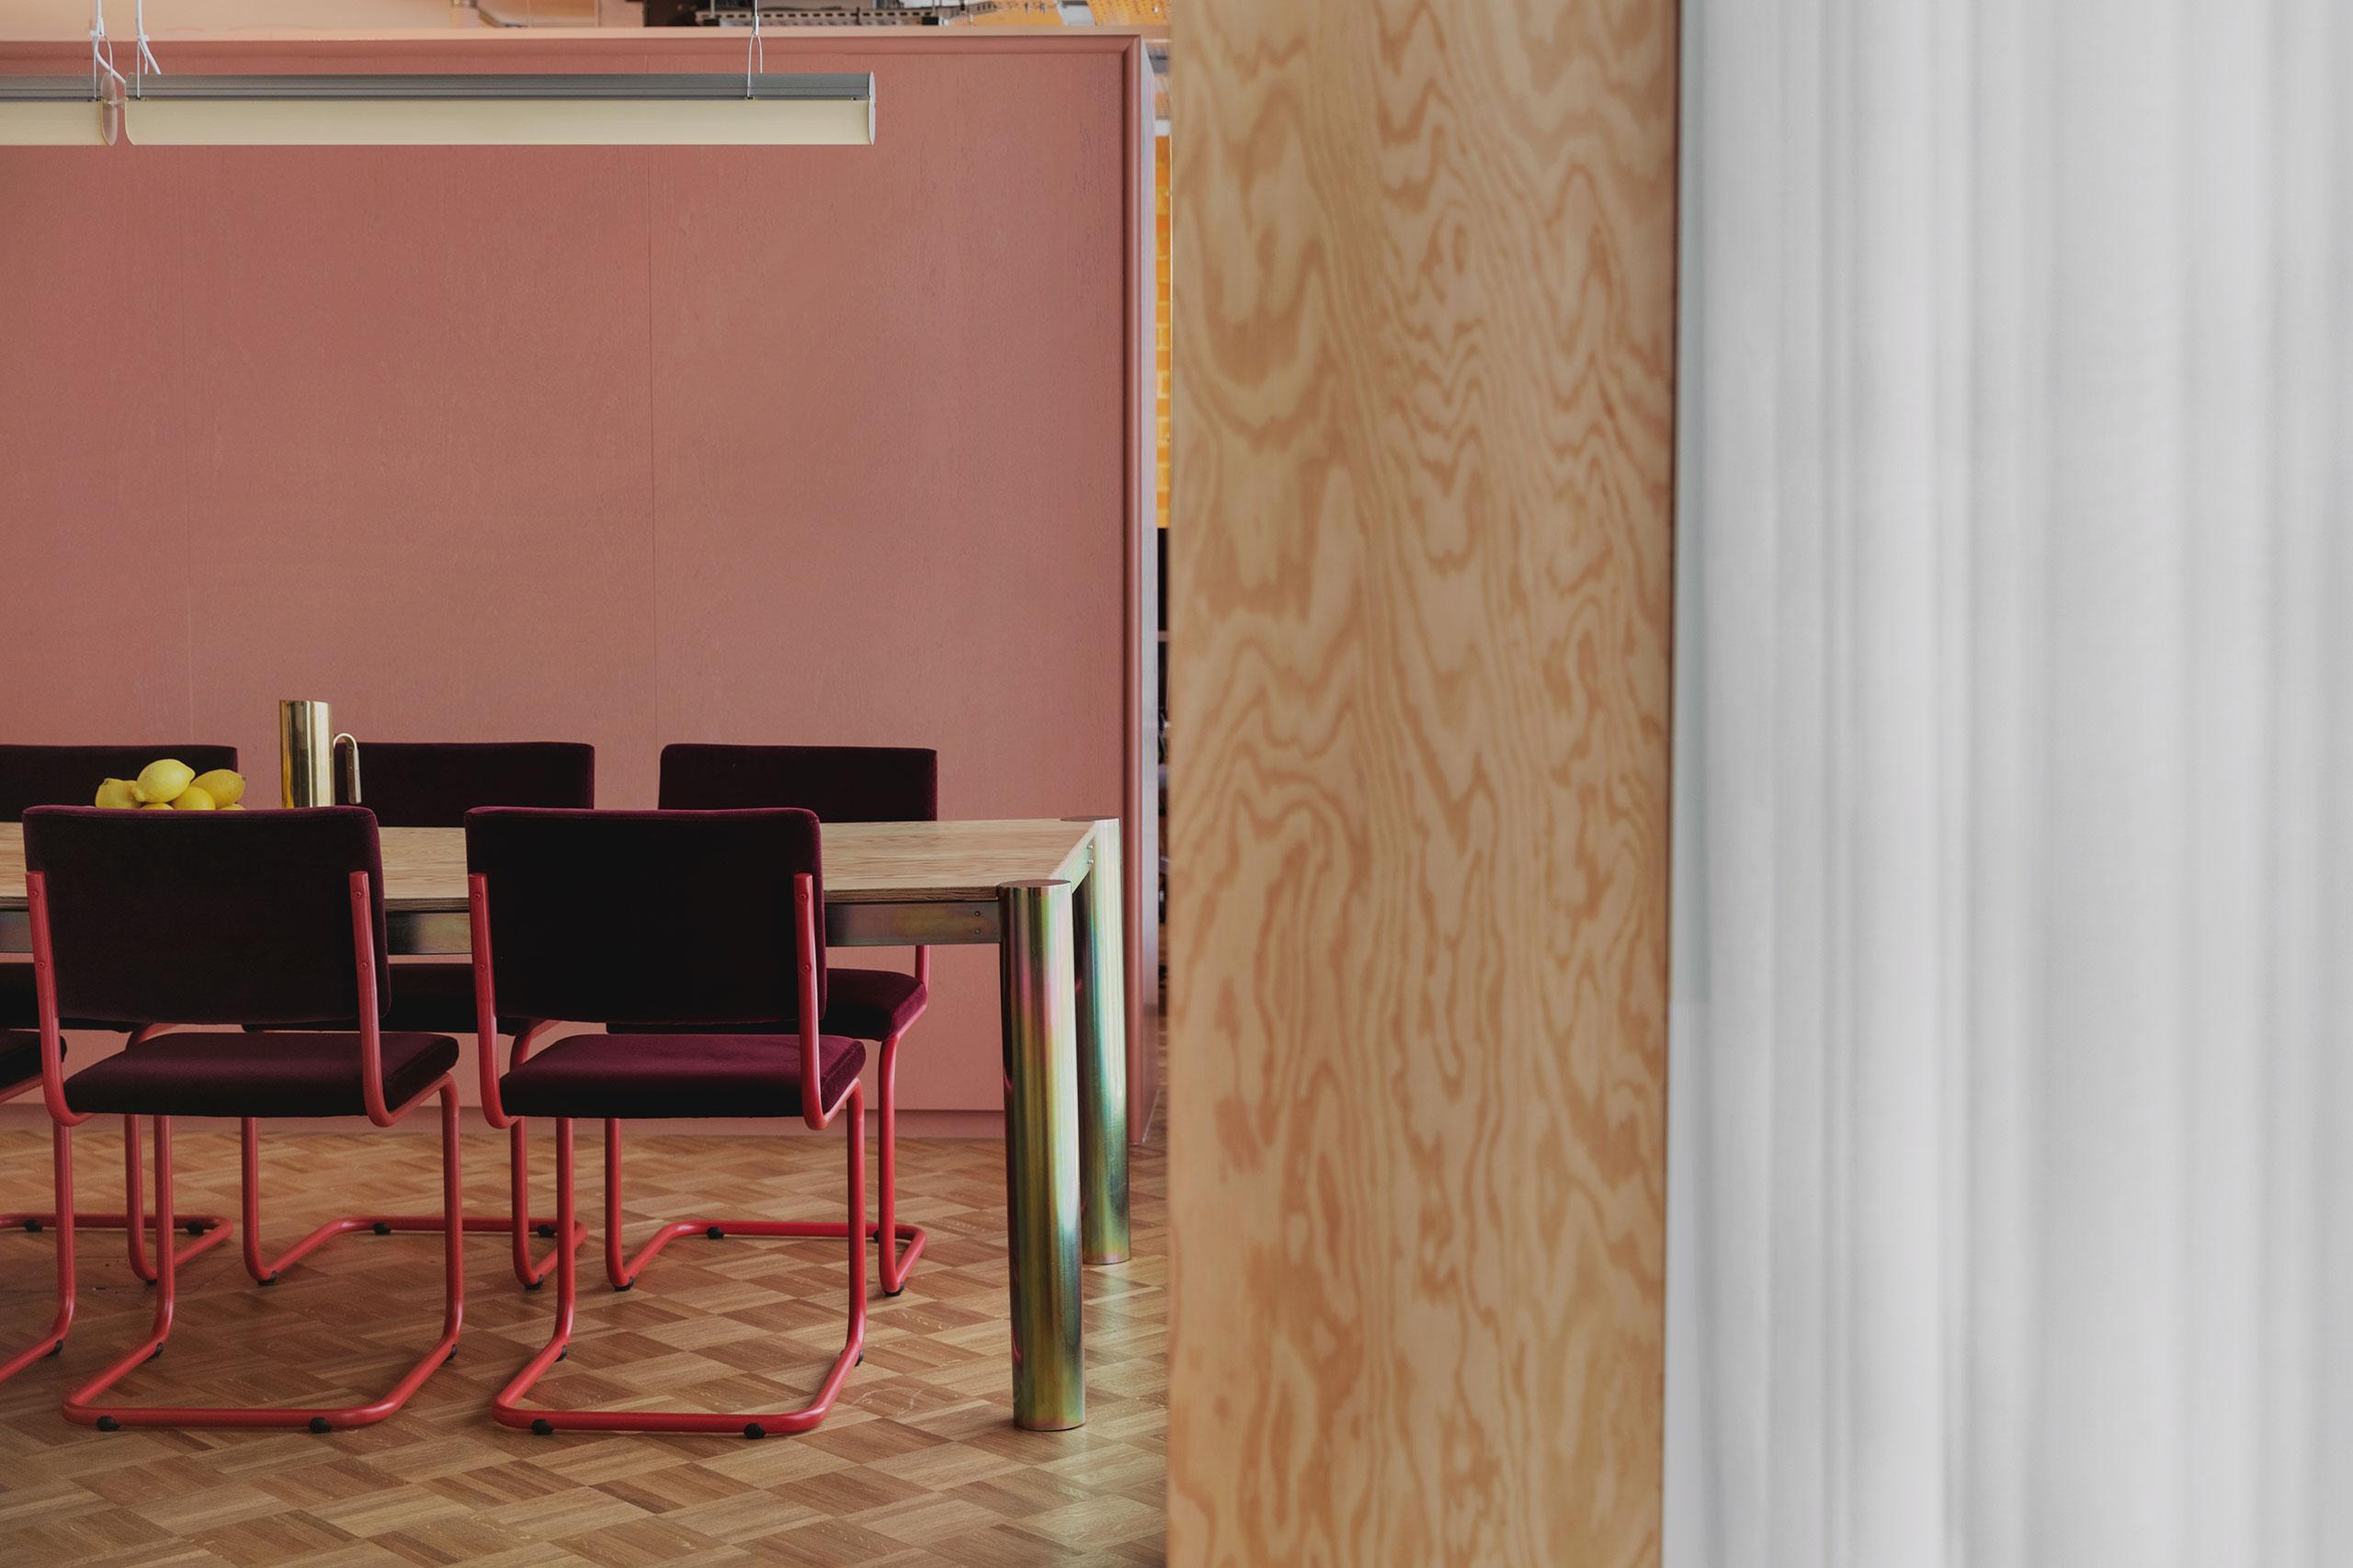 Daytrip工作室在伦敦的媒体办公室。 Mariell Lind Hansen摄影。